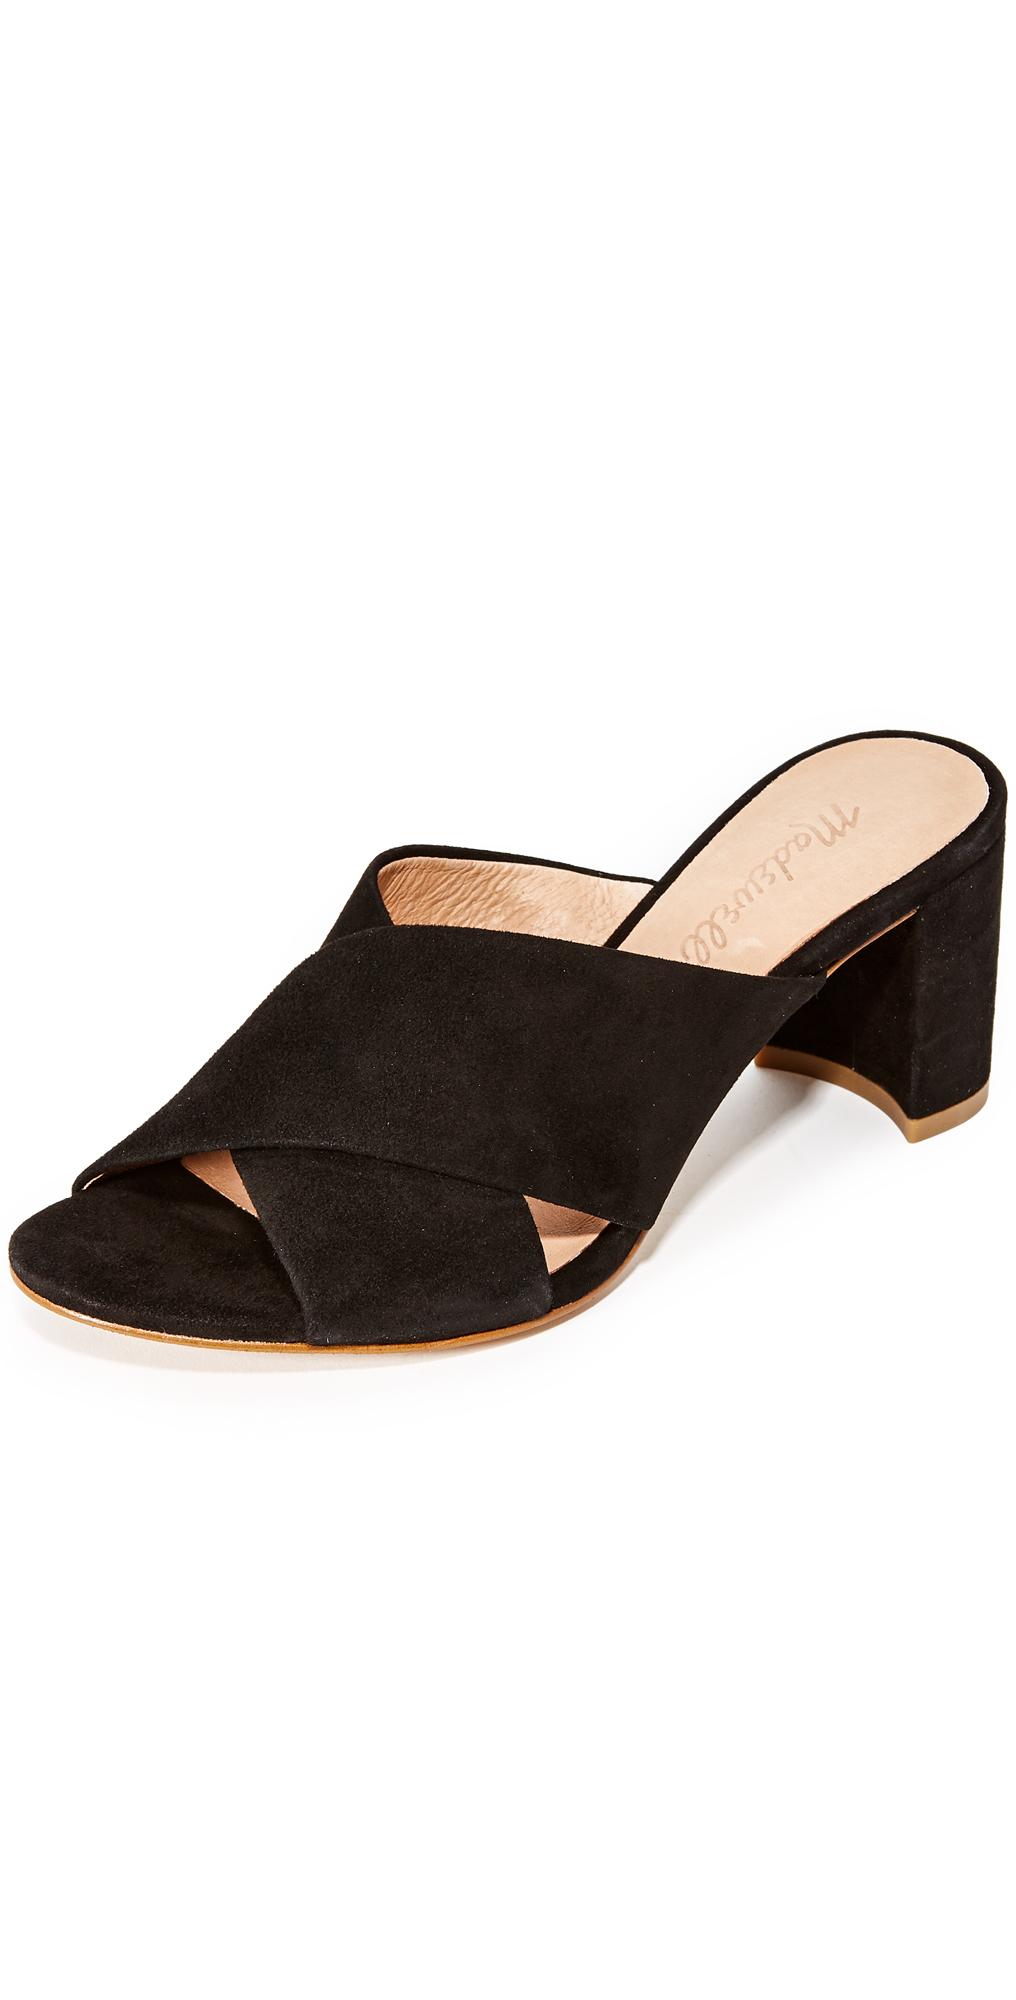 Greer Mule Sandals Madewell